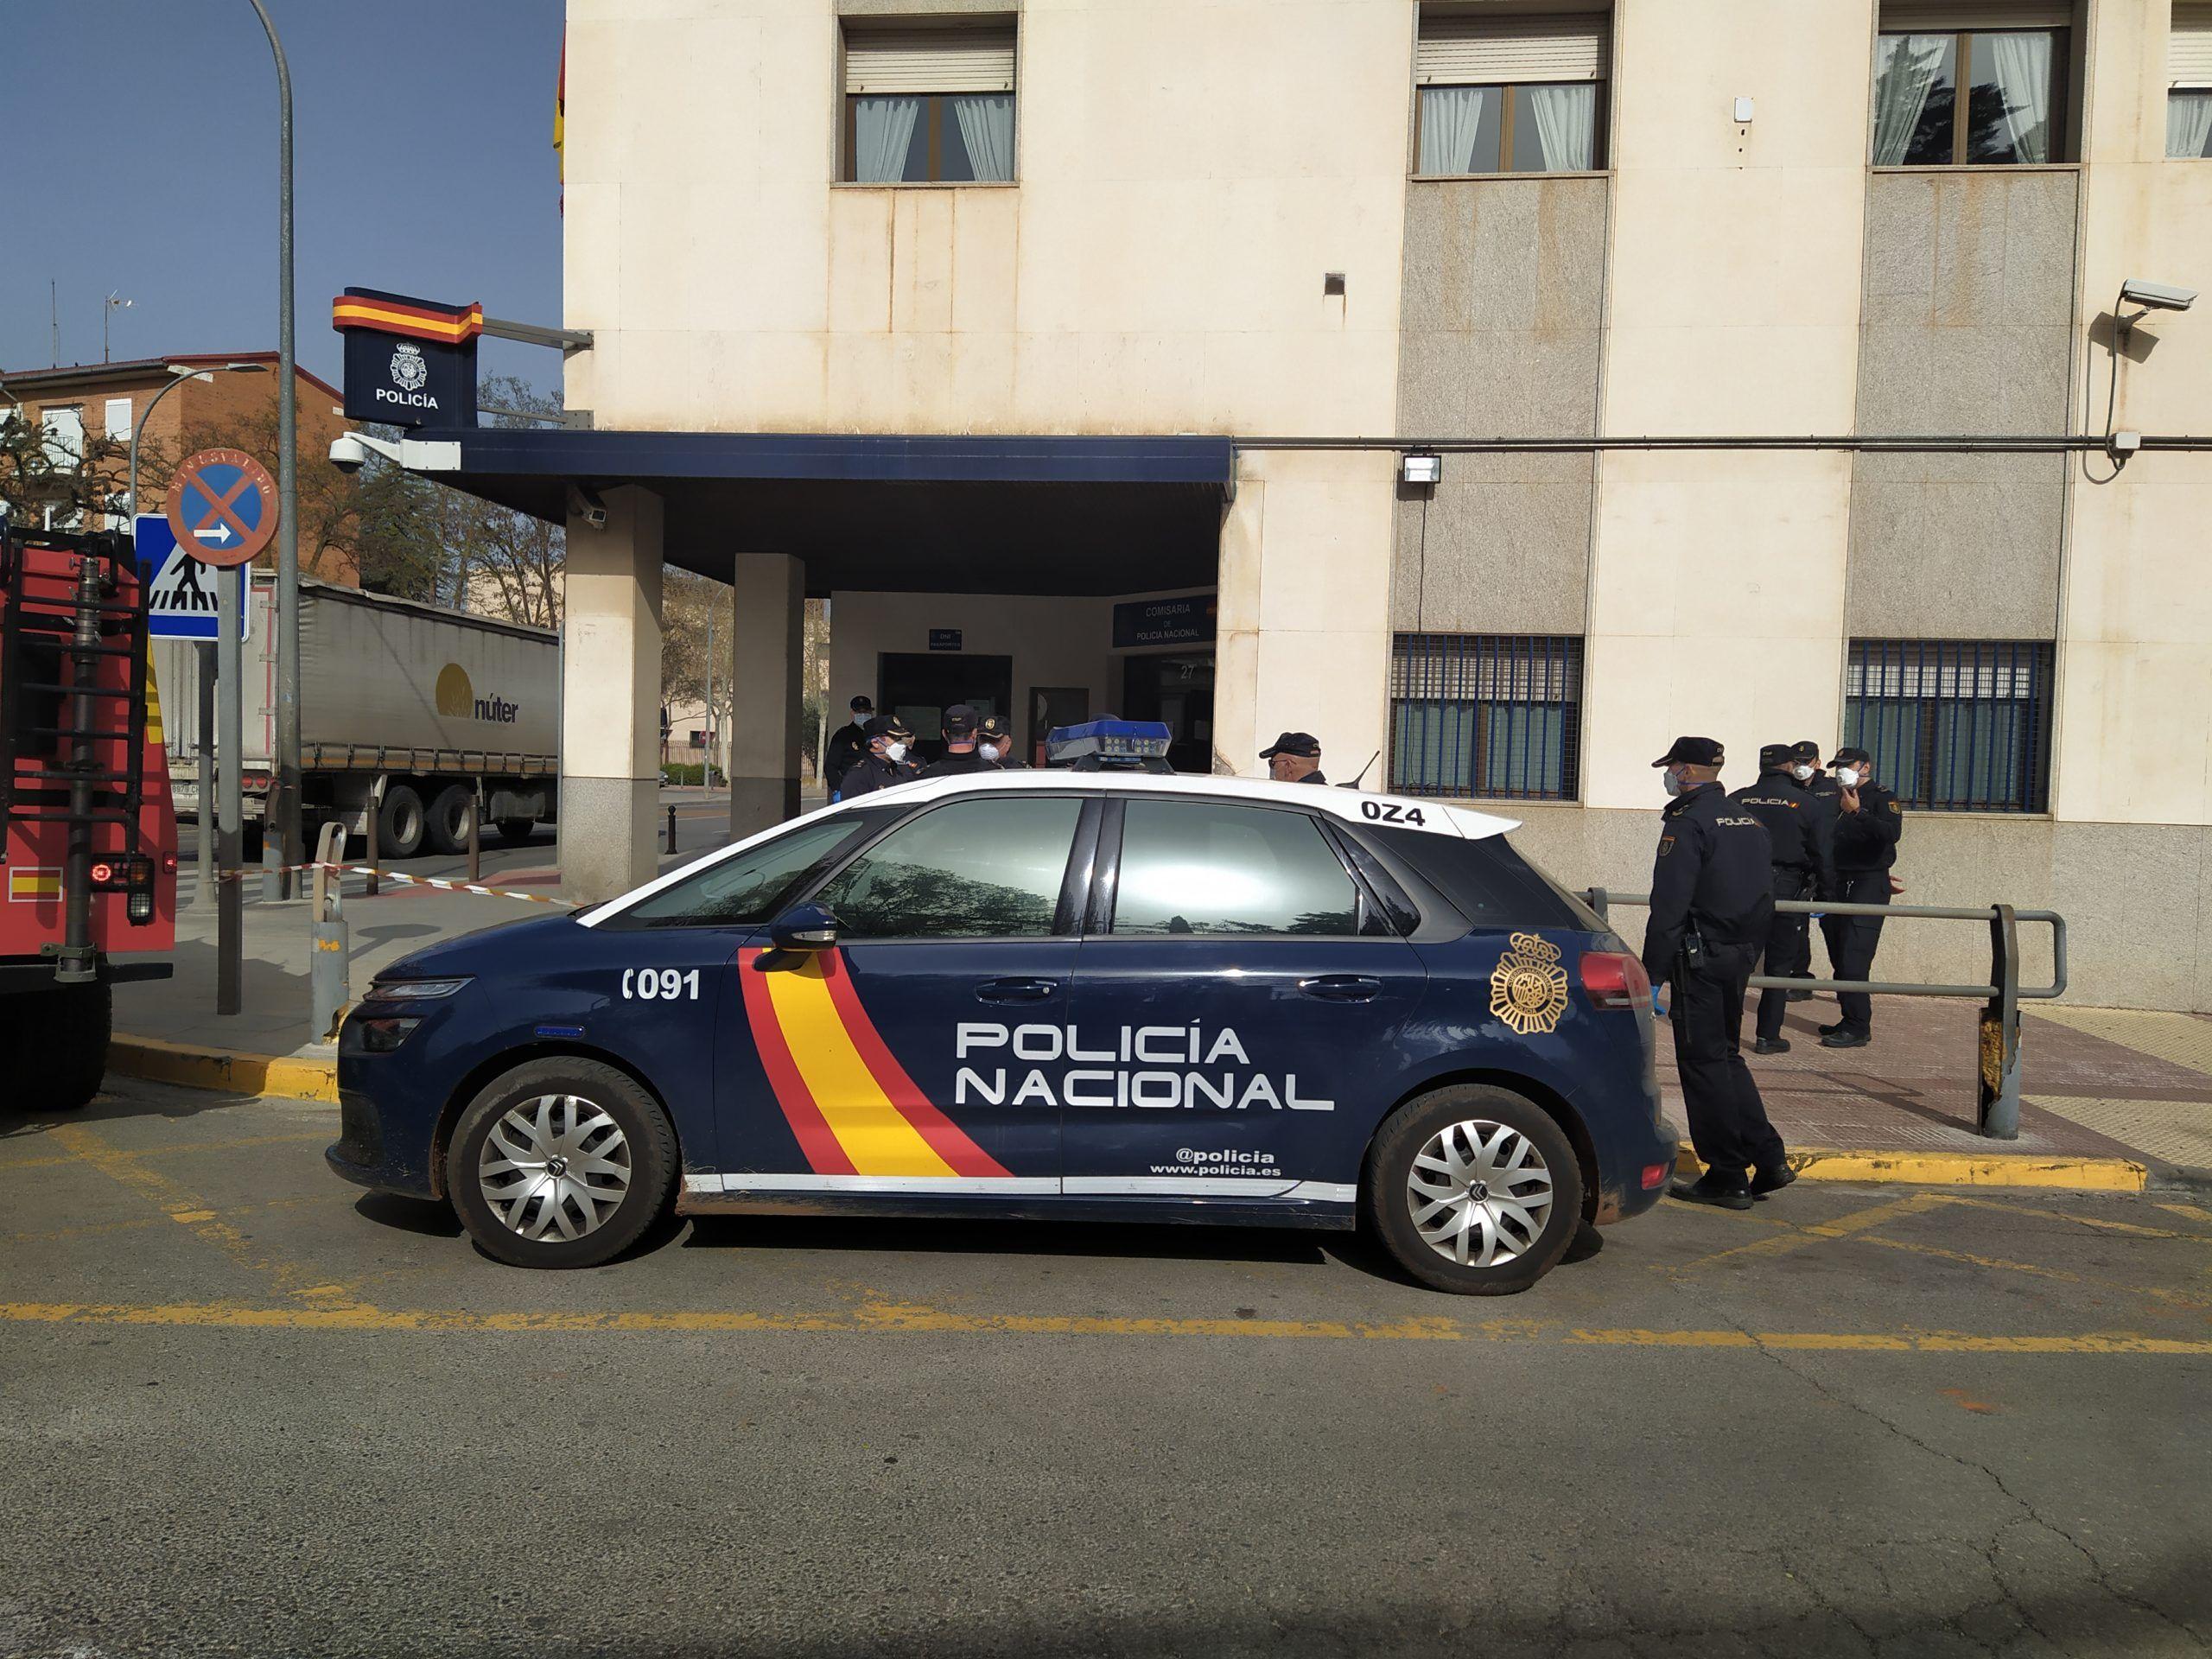 La Policía Nacional detiene a una persona por incumplir la prohibición de desplazamiento del Real Decreto del Estado de Alarma